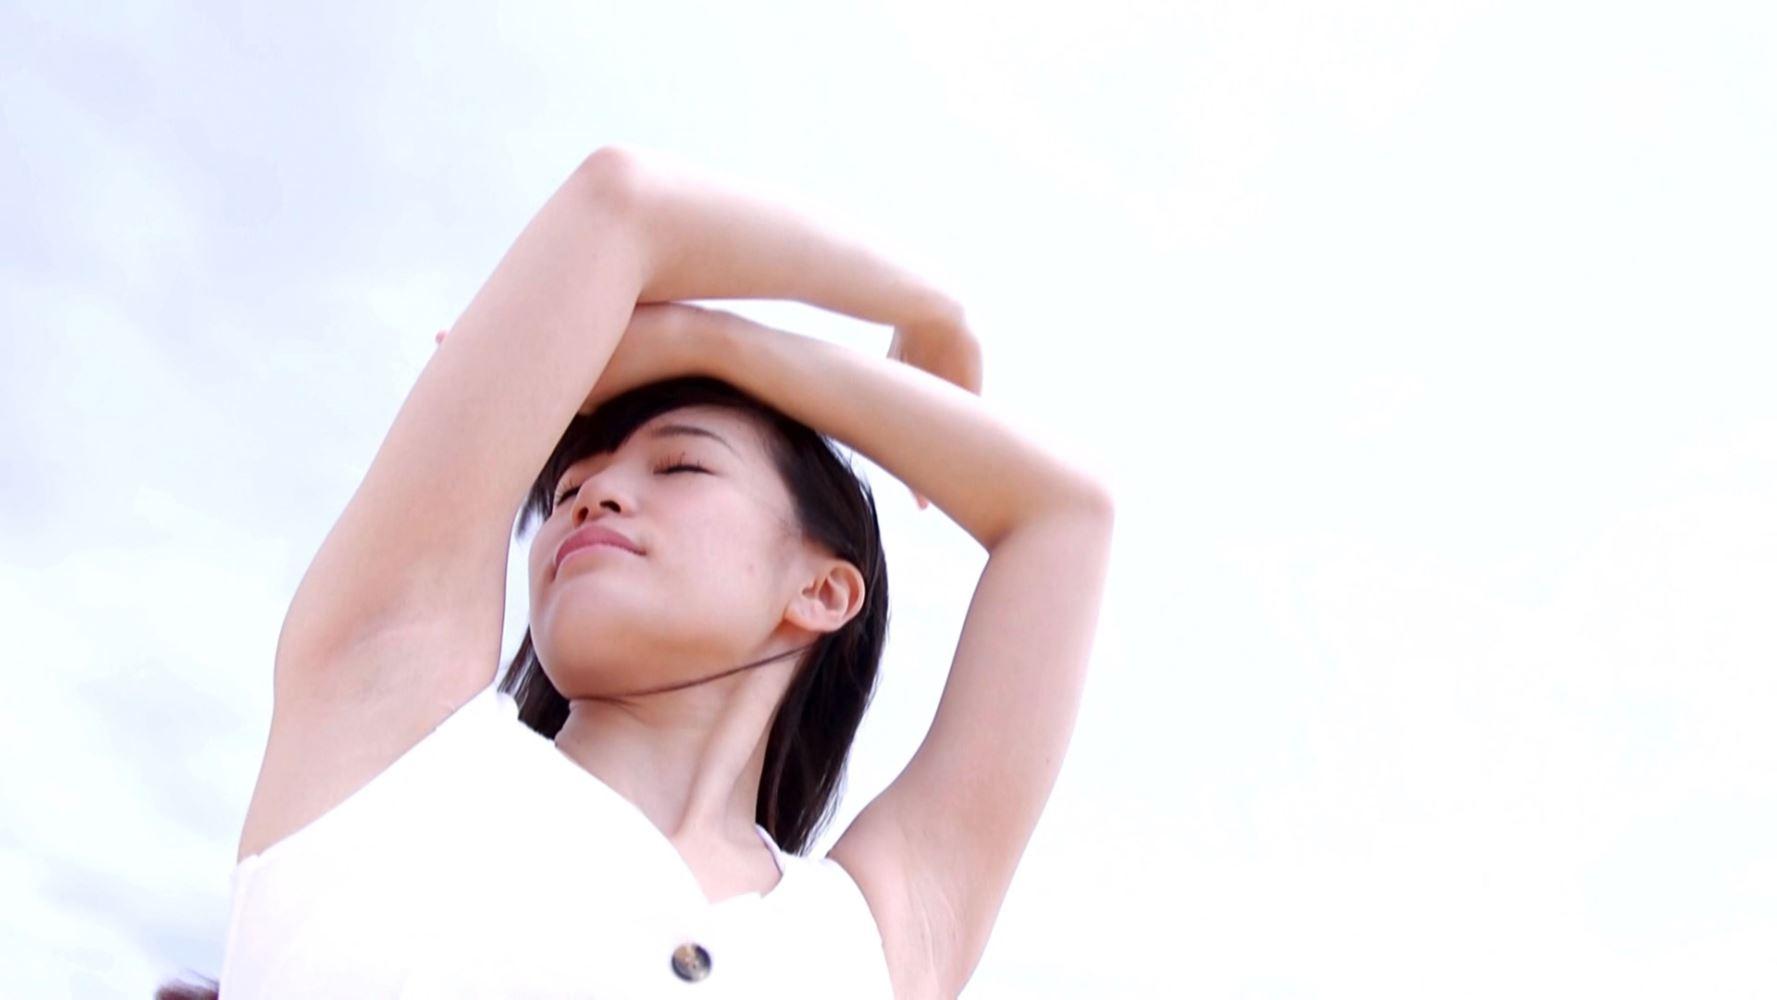 高橋しょう子 高崎聖子 ヘアヌード セックス 画像 59